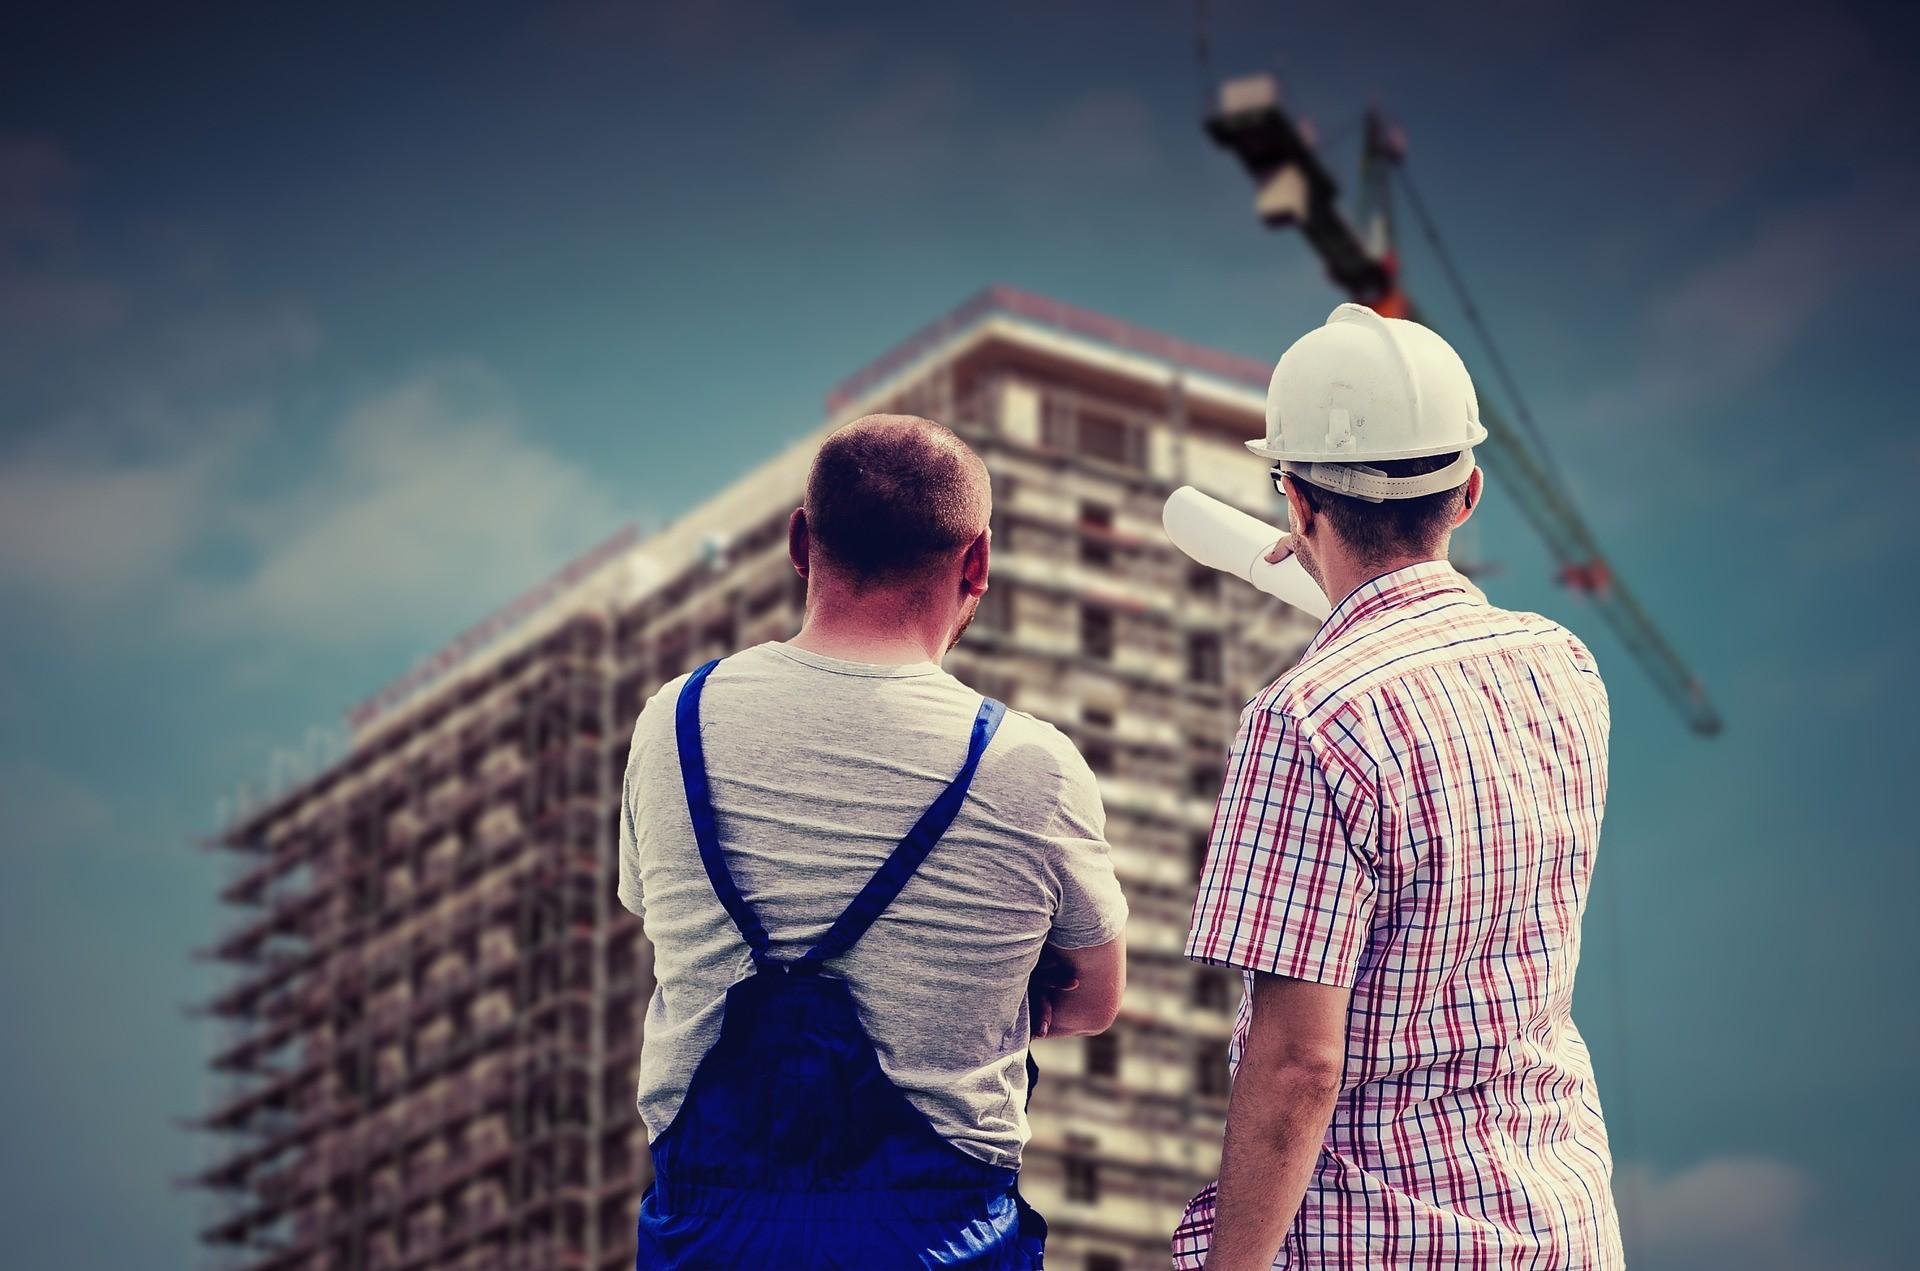 Διαγενεακή μάθηση και συμπερίληψη όλων των εργαζομένων ανεξαρτήτως ηλικίας στον επαγγελματικό χώρο